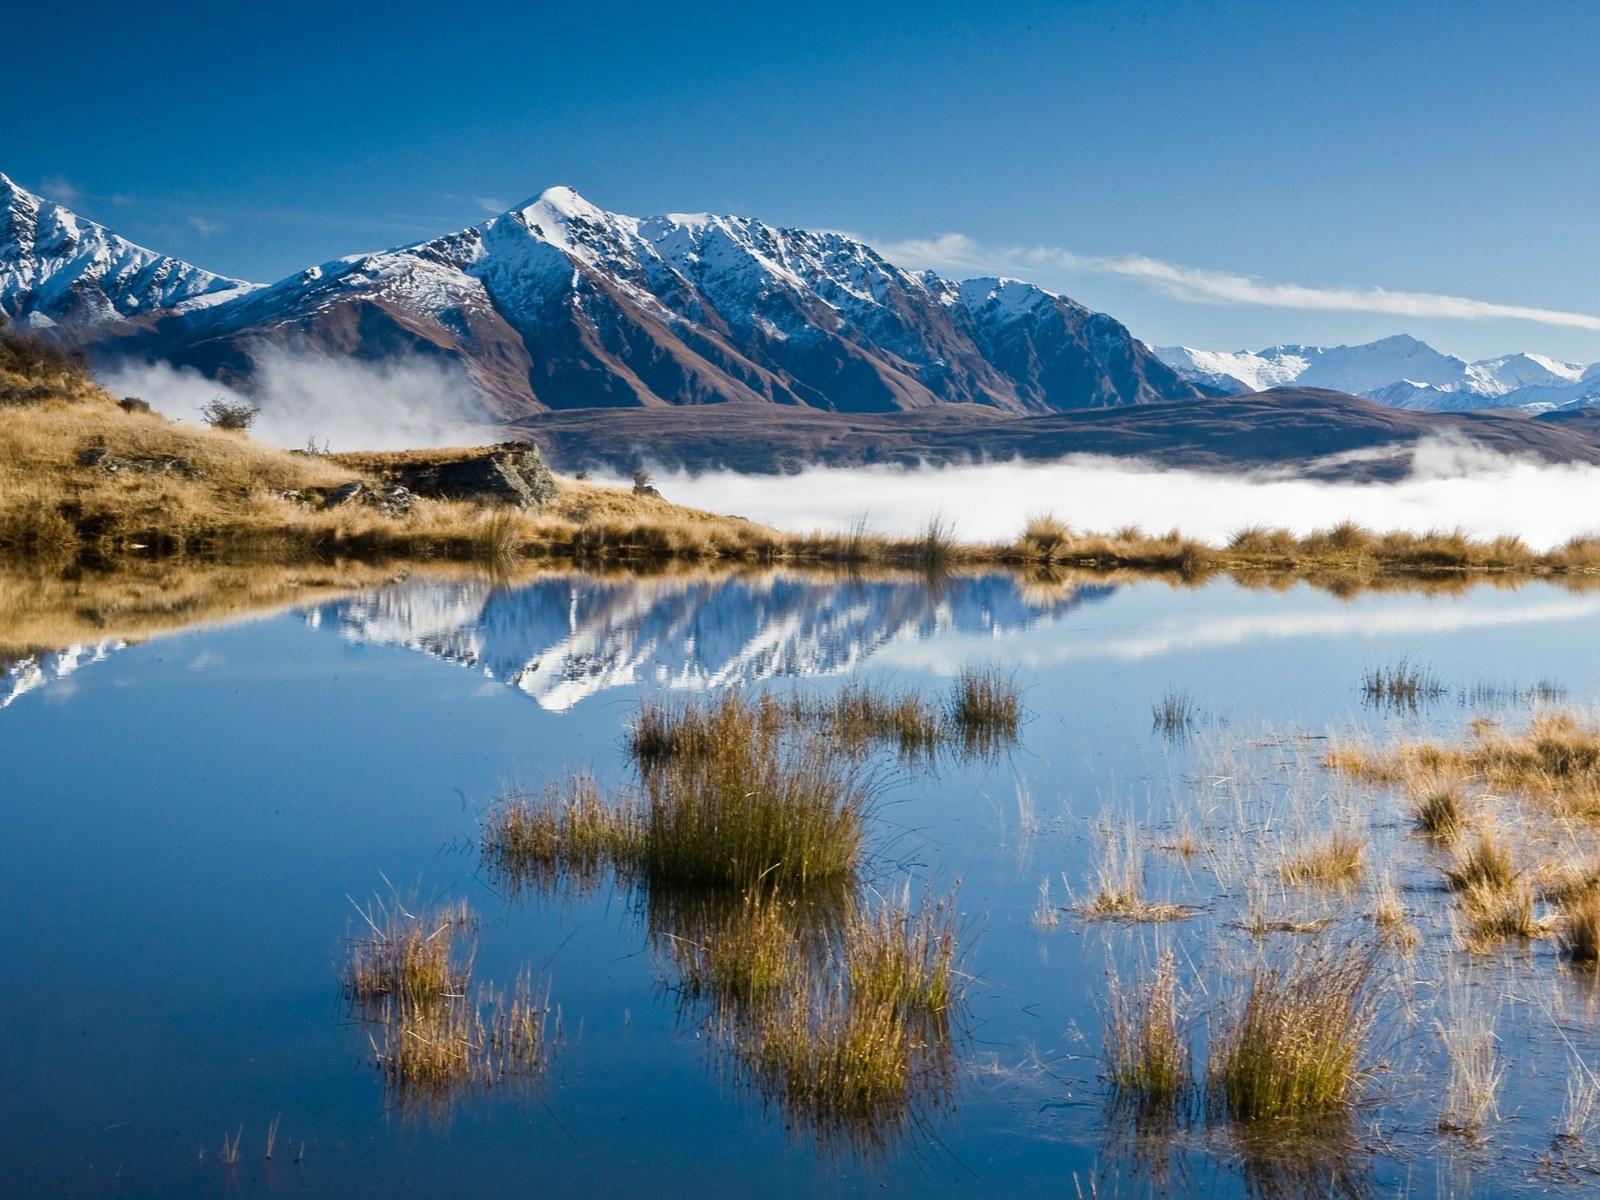 高清晰新西兰雪山冰湖风景图片素材(31p)[中国